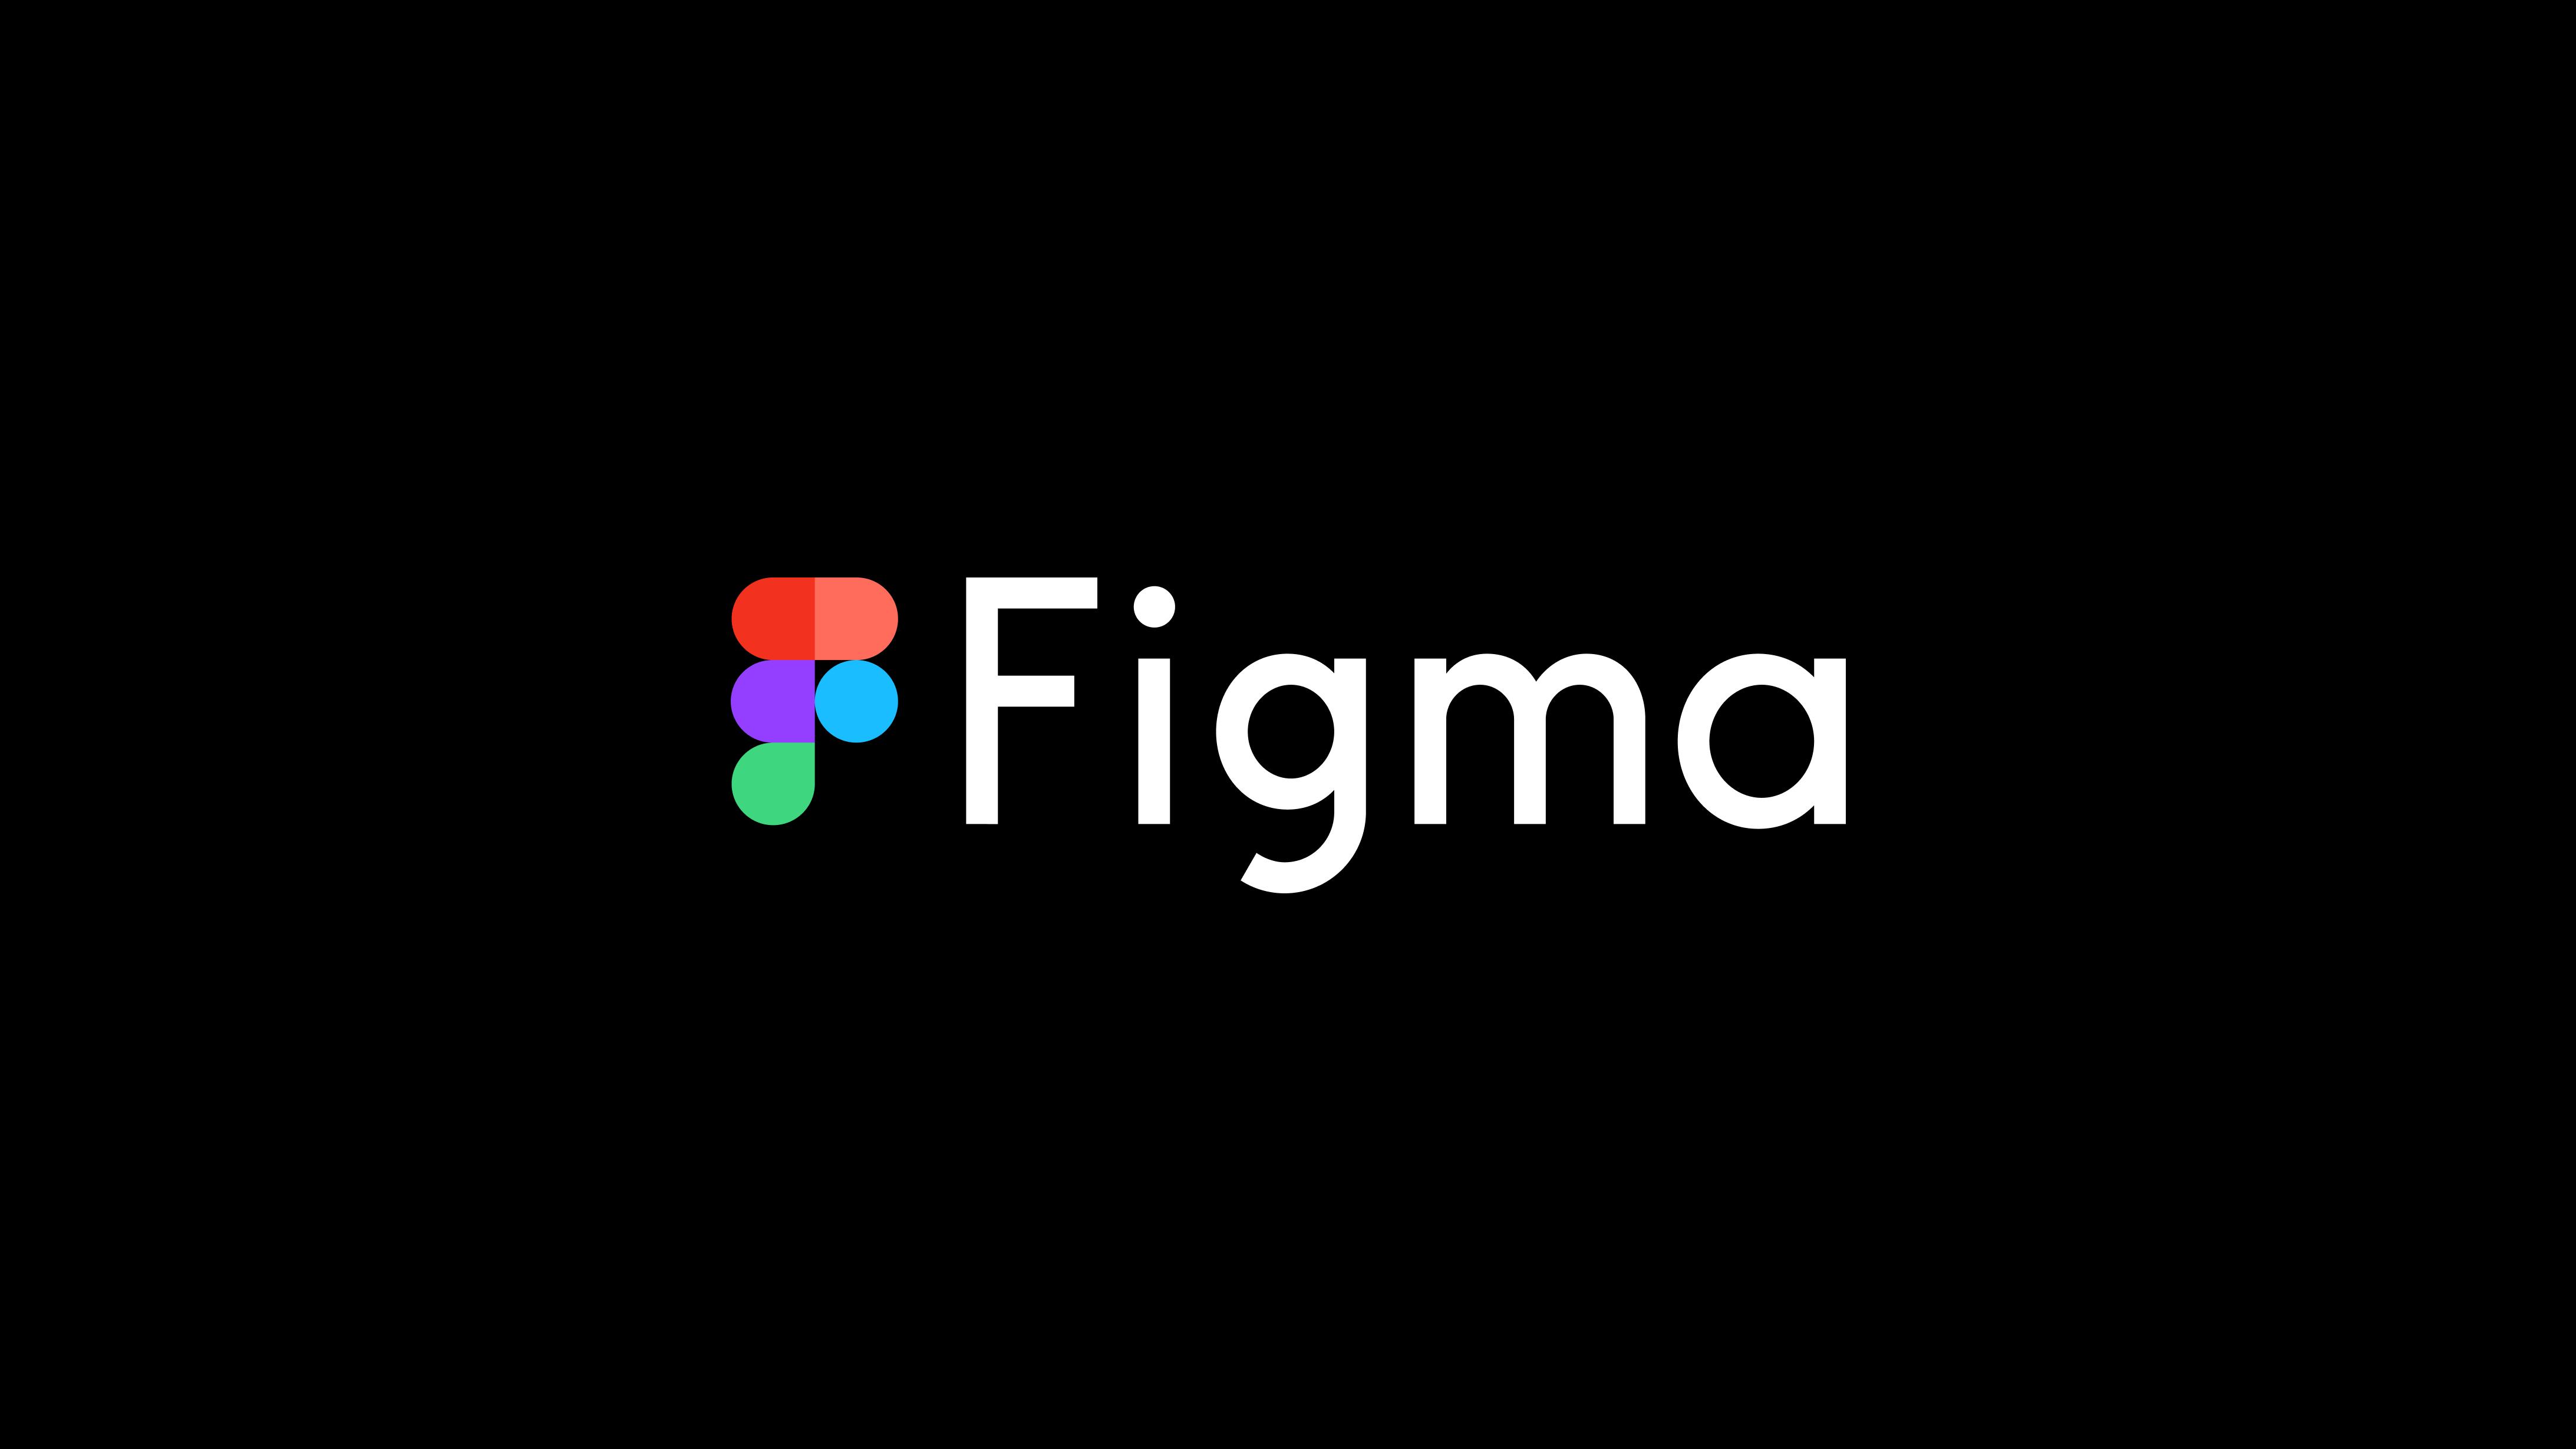 Figma India